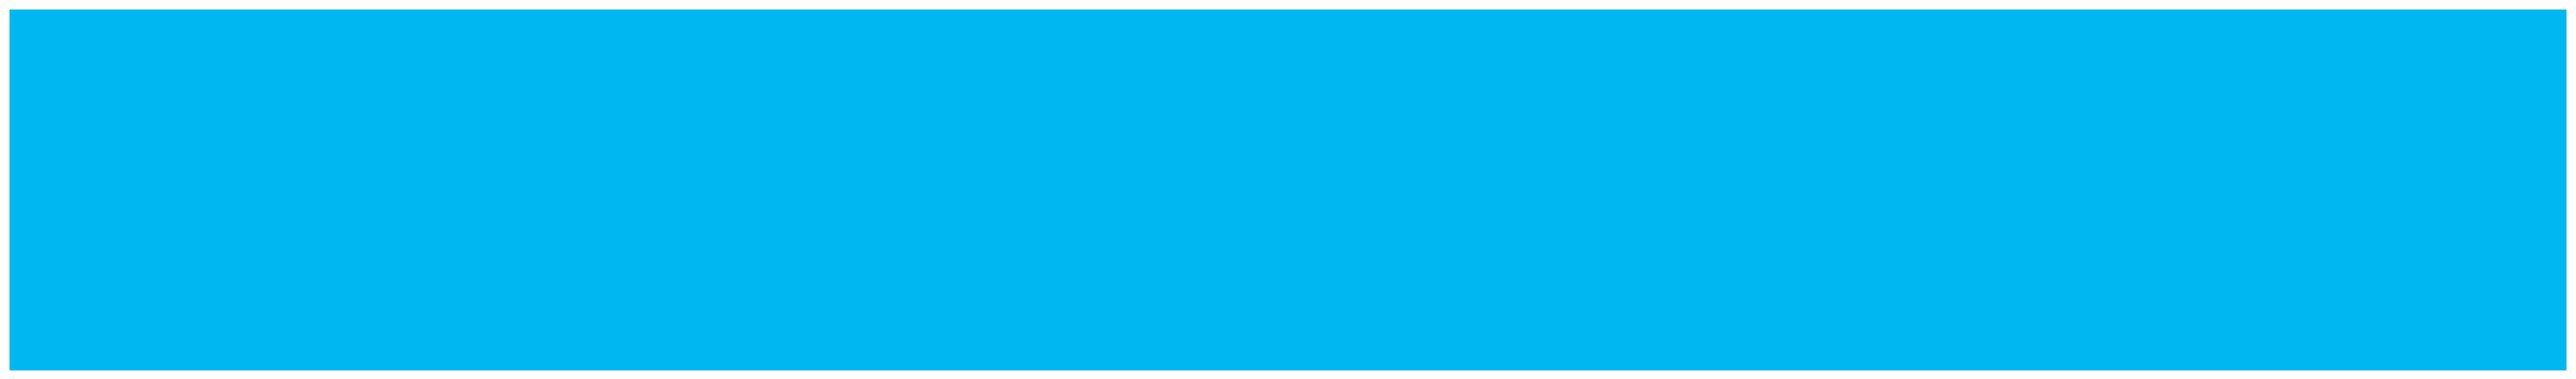 Blue Yonder Workforce Management logo